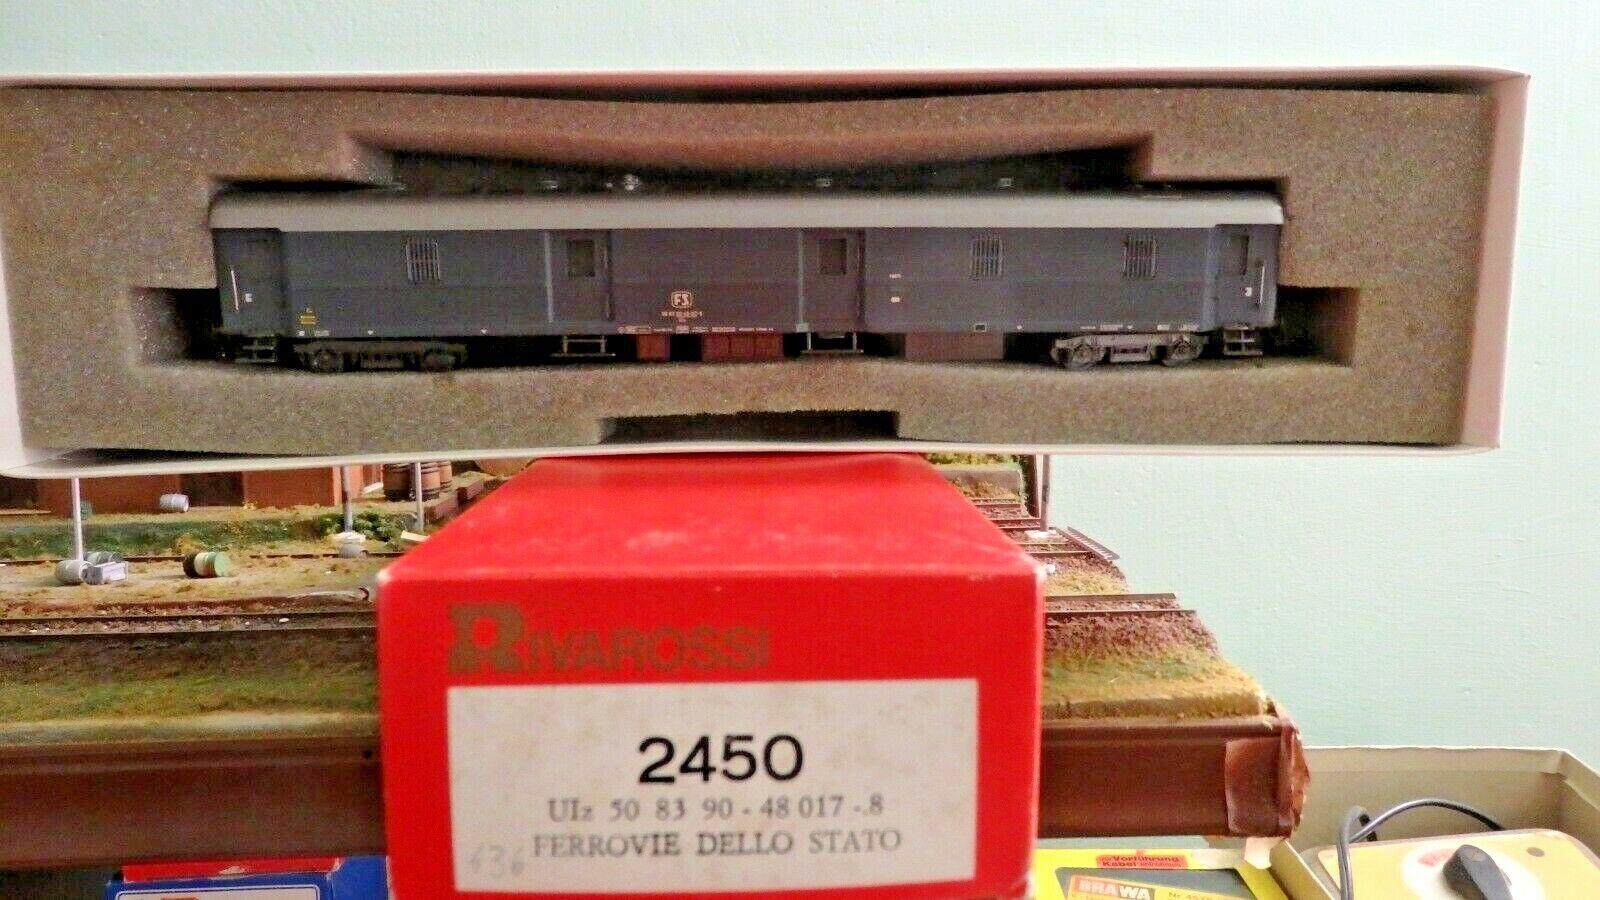 Rivarossi italia 2450 POSTALE UIz 1400 TIPO '49 Grigio ardesia, grate. FS